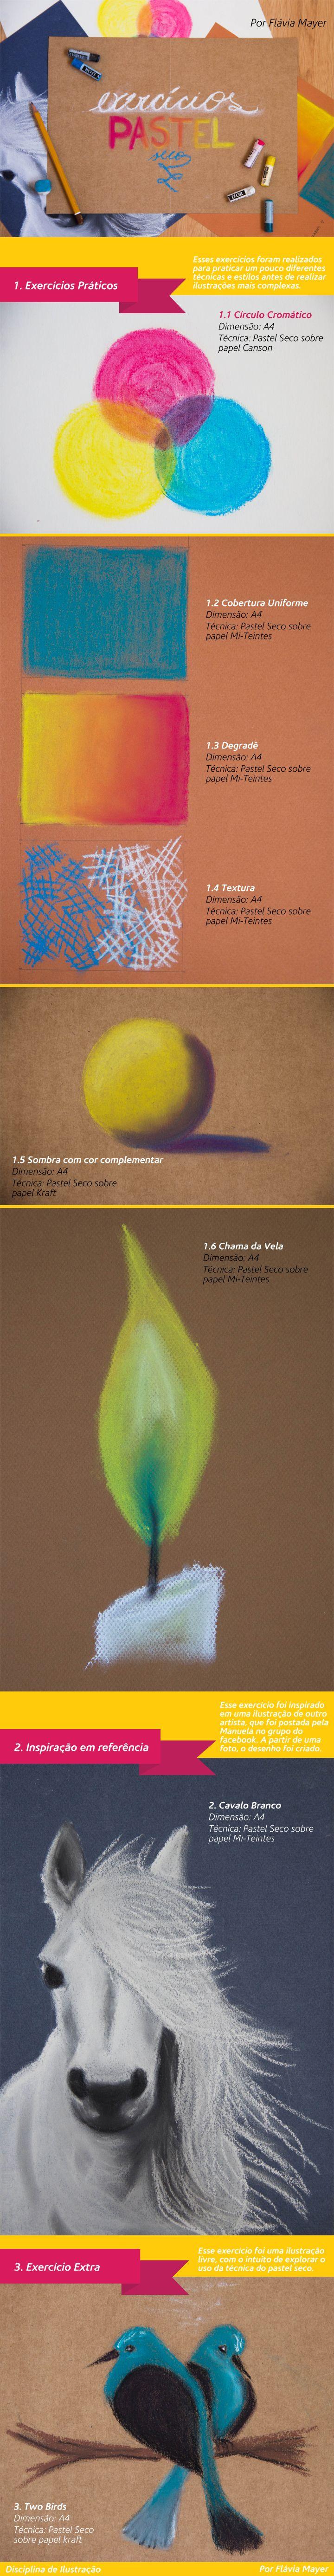 Exercícios de Pastel Seco da Disciplina de Ilustração - Design Gráfico - UFPR - Professora Carol Calomeno